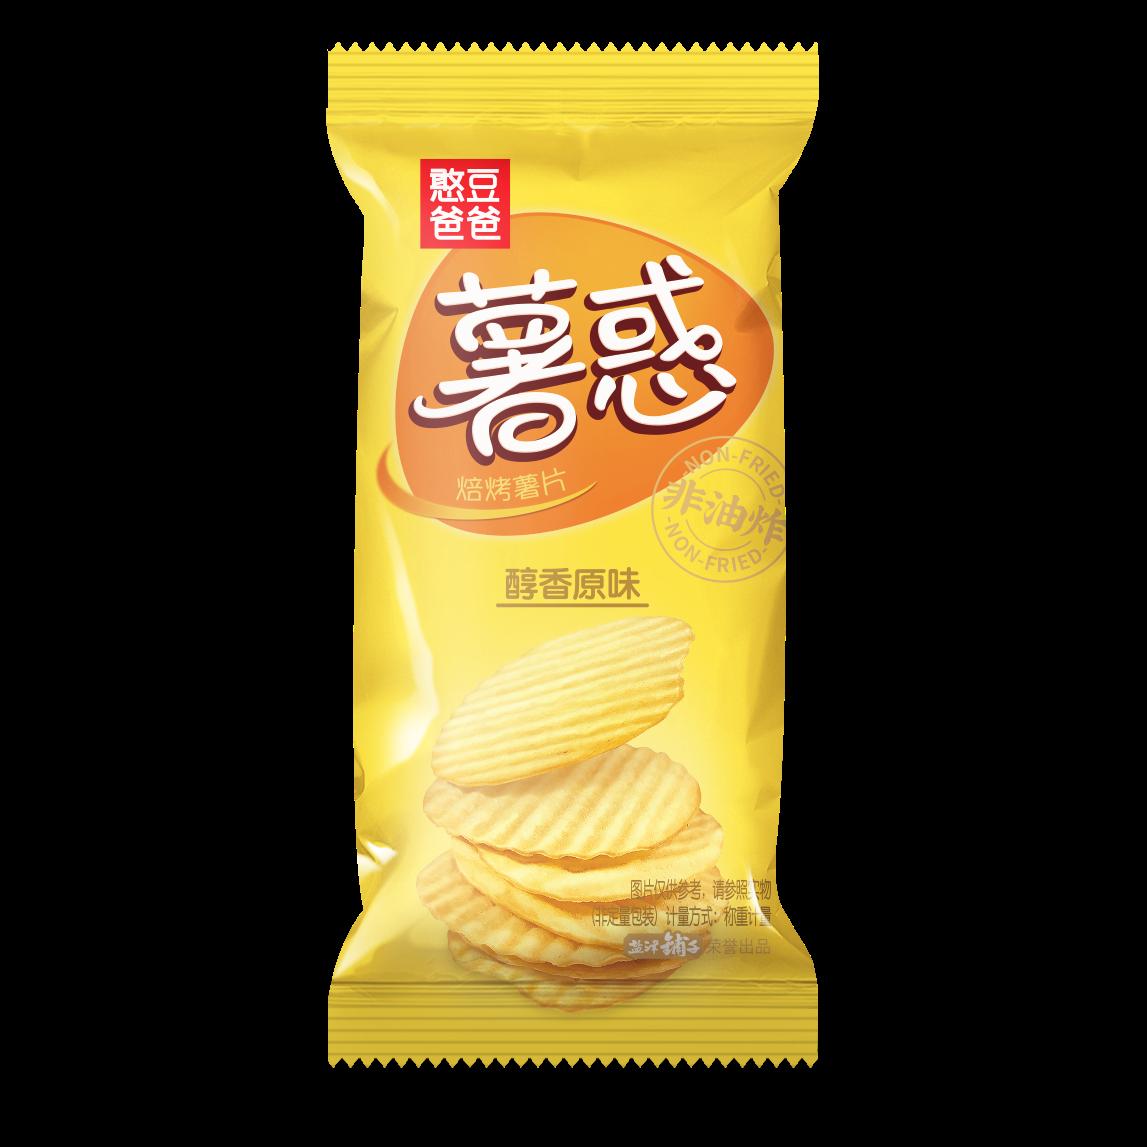 薯惑焙烤薯片(醇香原味)